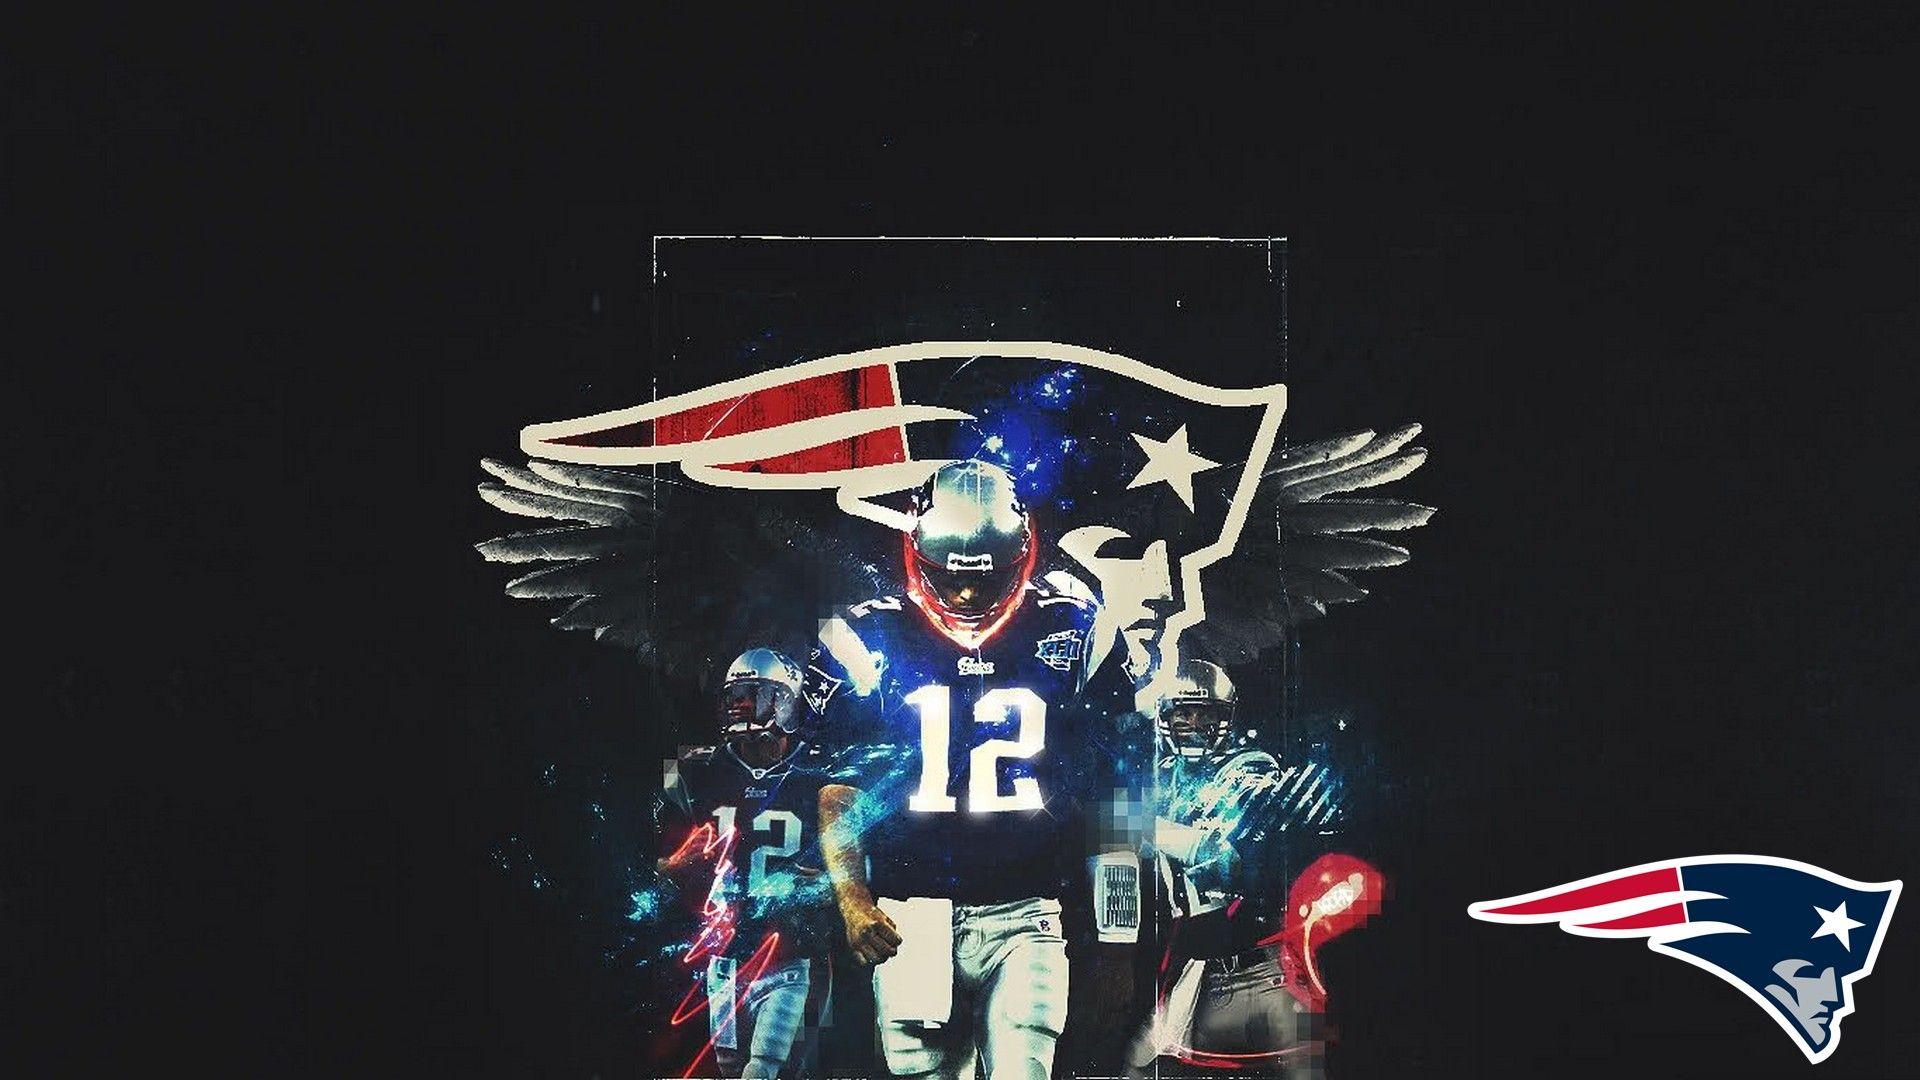 Patriots 2018 Wallpaper Hd New England Patriots Wallpaper Patriots New England Patriots Football